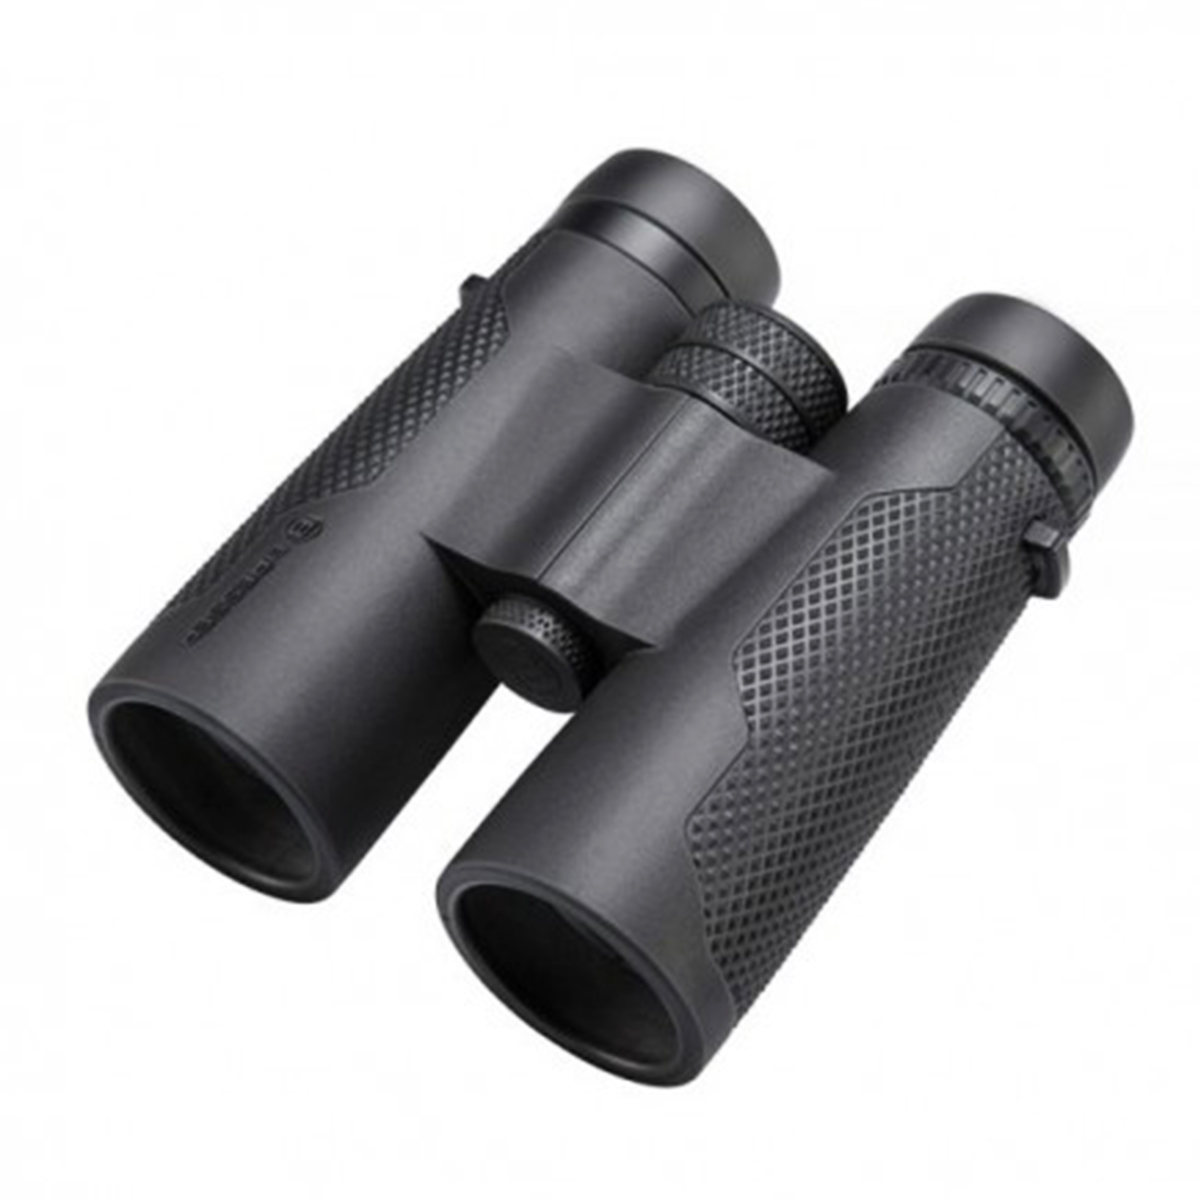 دوربین دو چشمی برسر مدل 10x42 travel